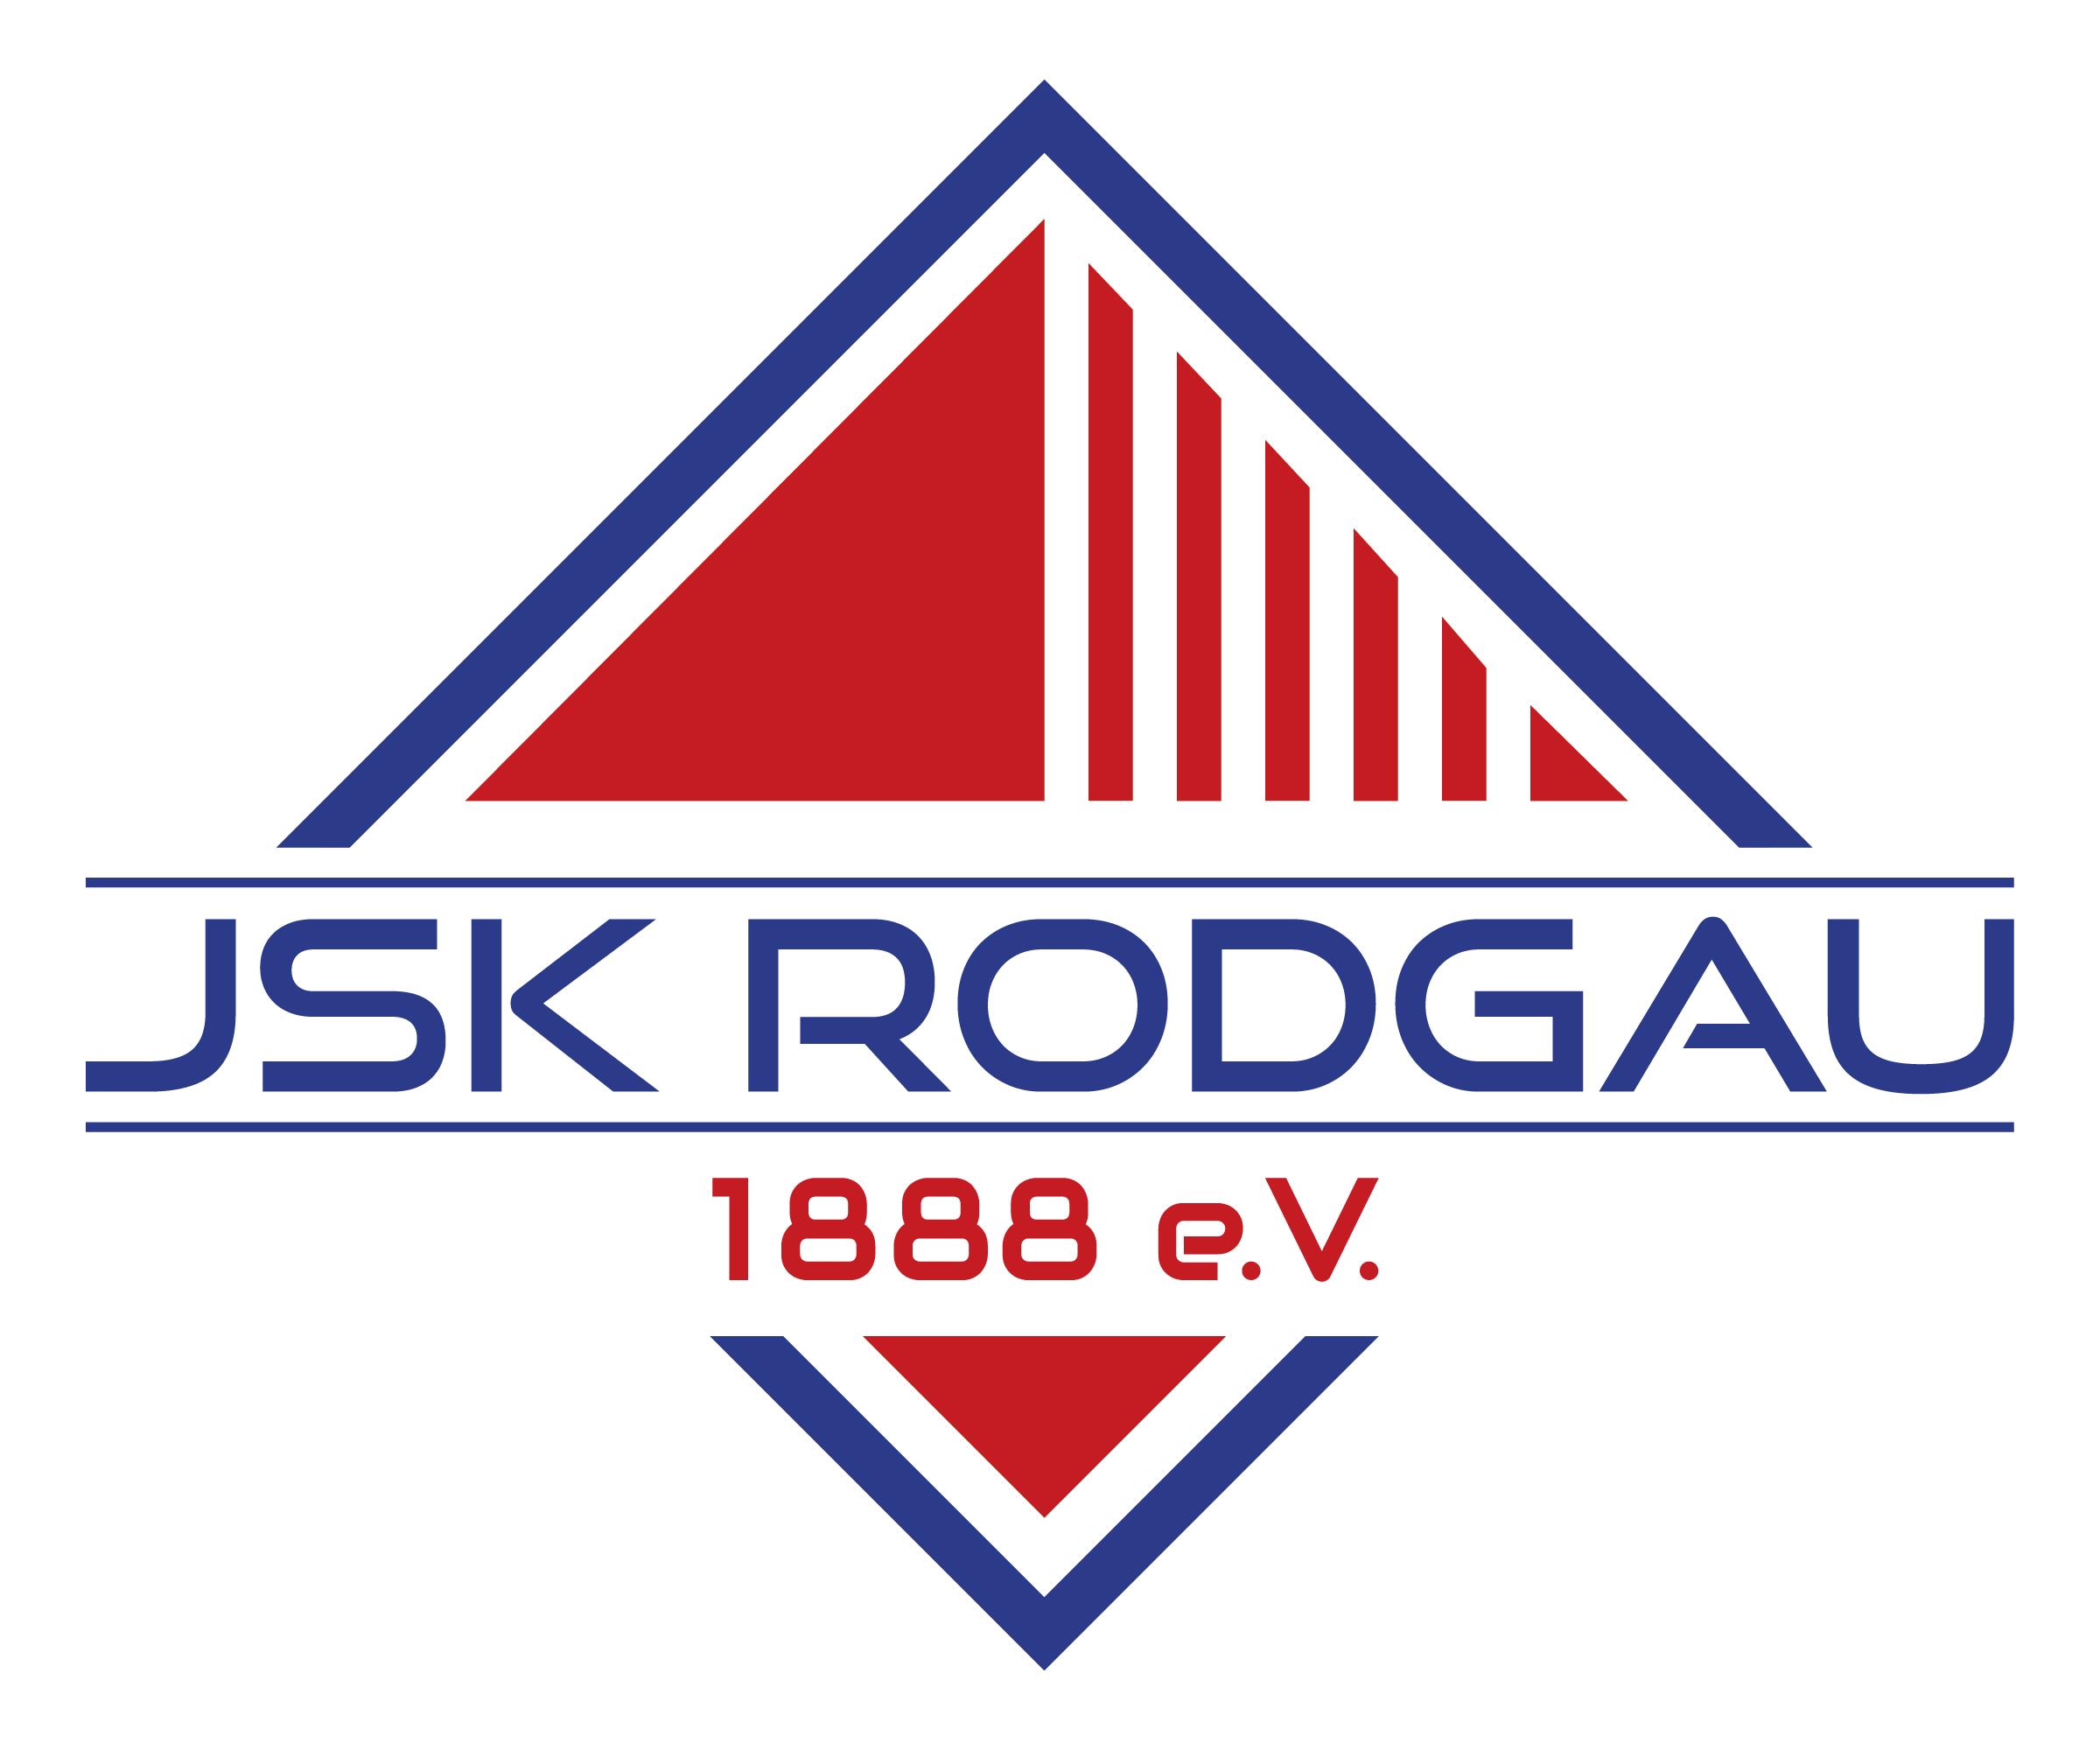 JSK-Sportspub